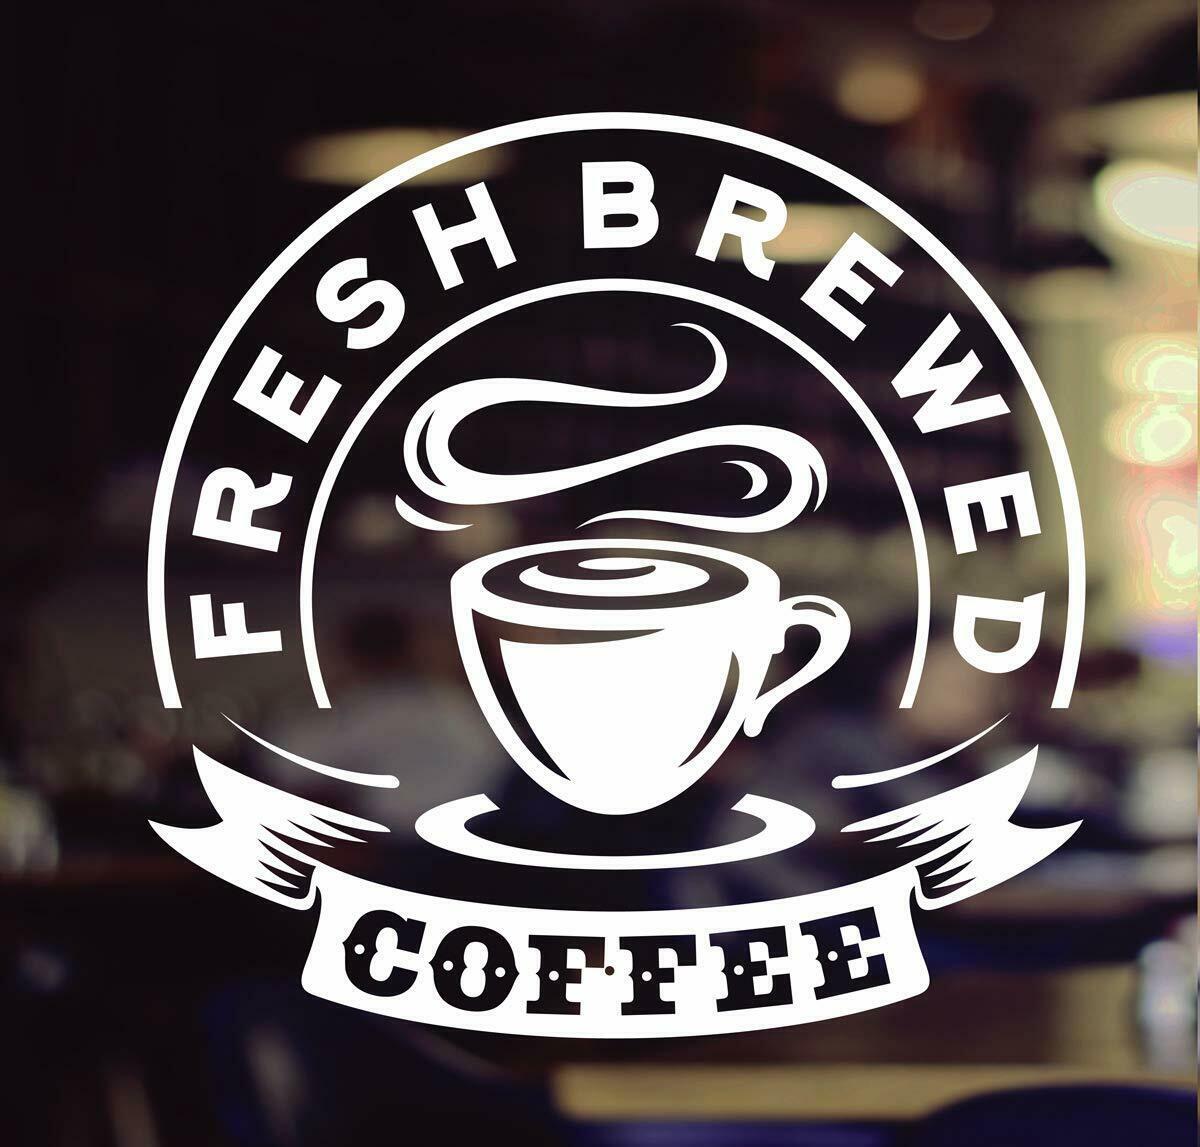 Coffee Takeaway cup Cafe Shop vinyl sticker Window Lettering Wall art sign decor